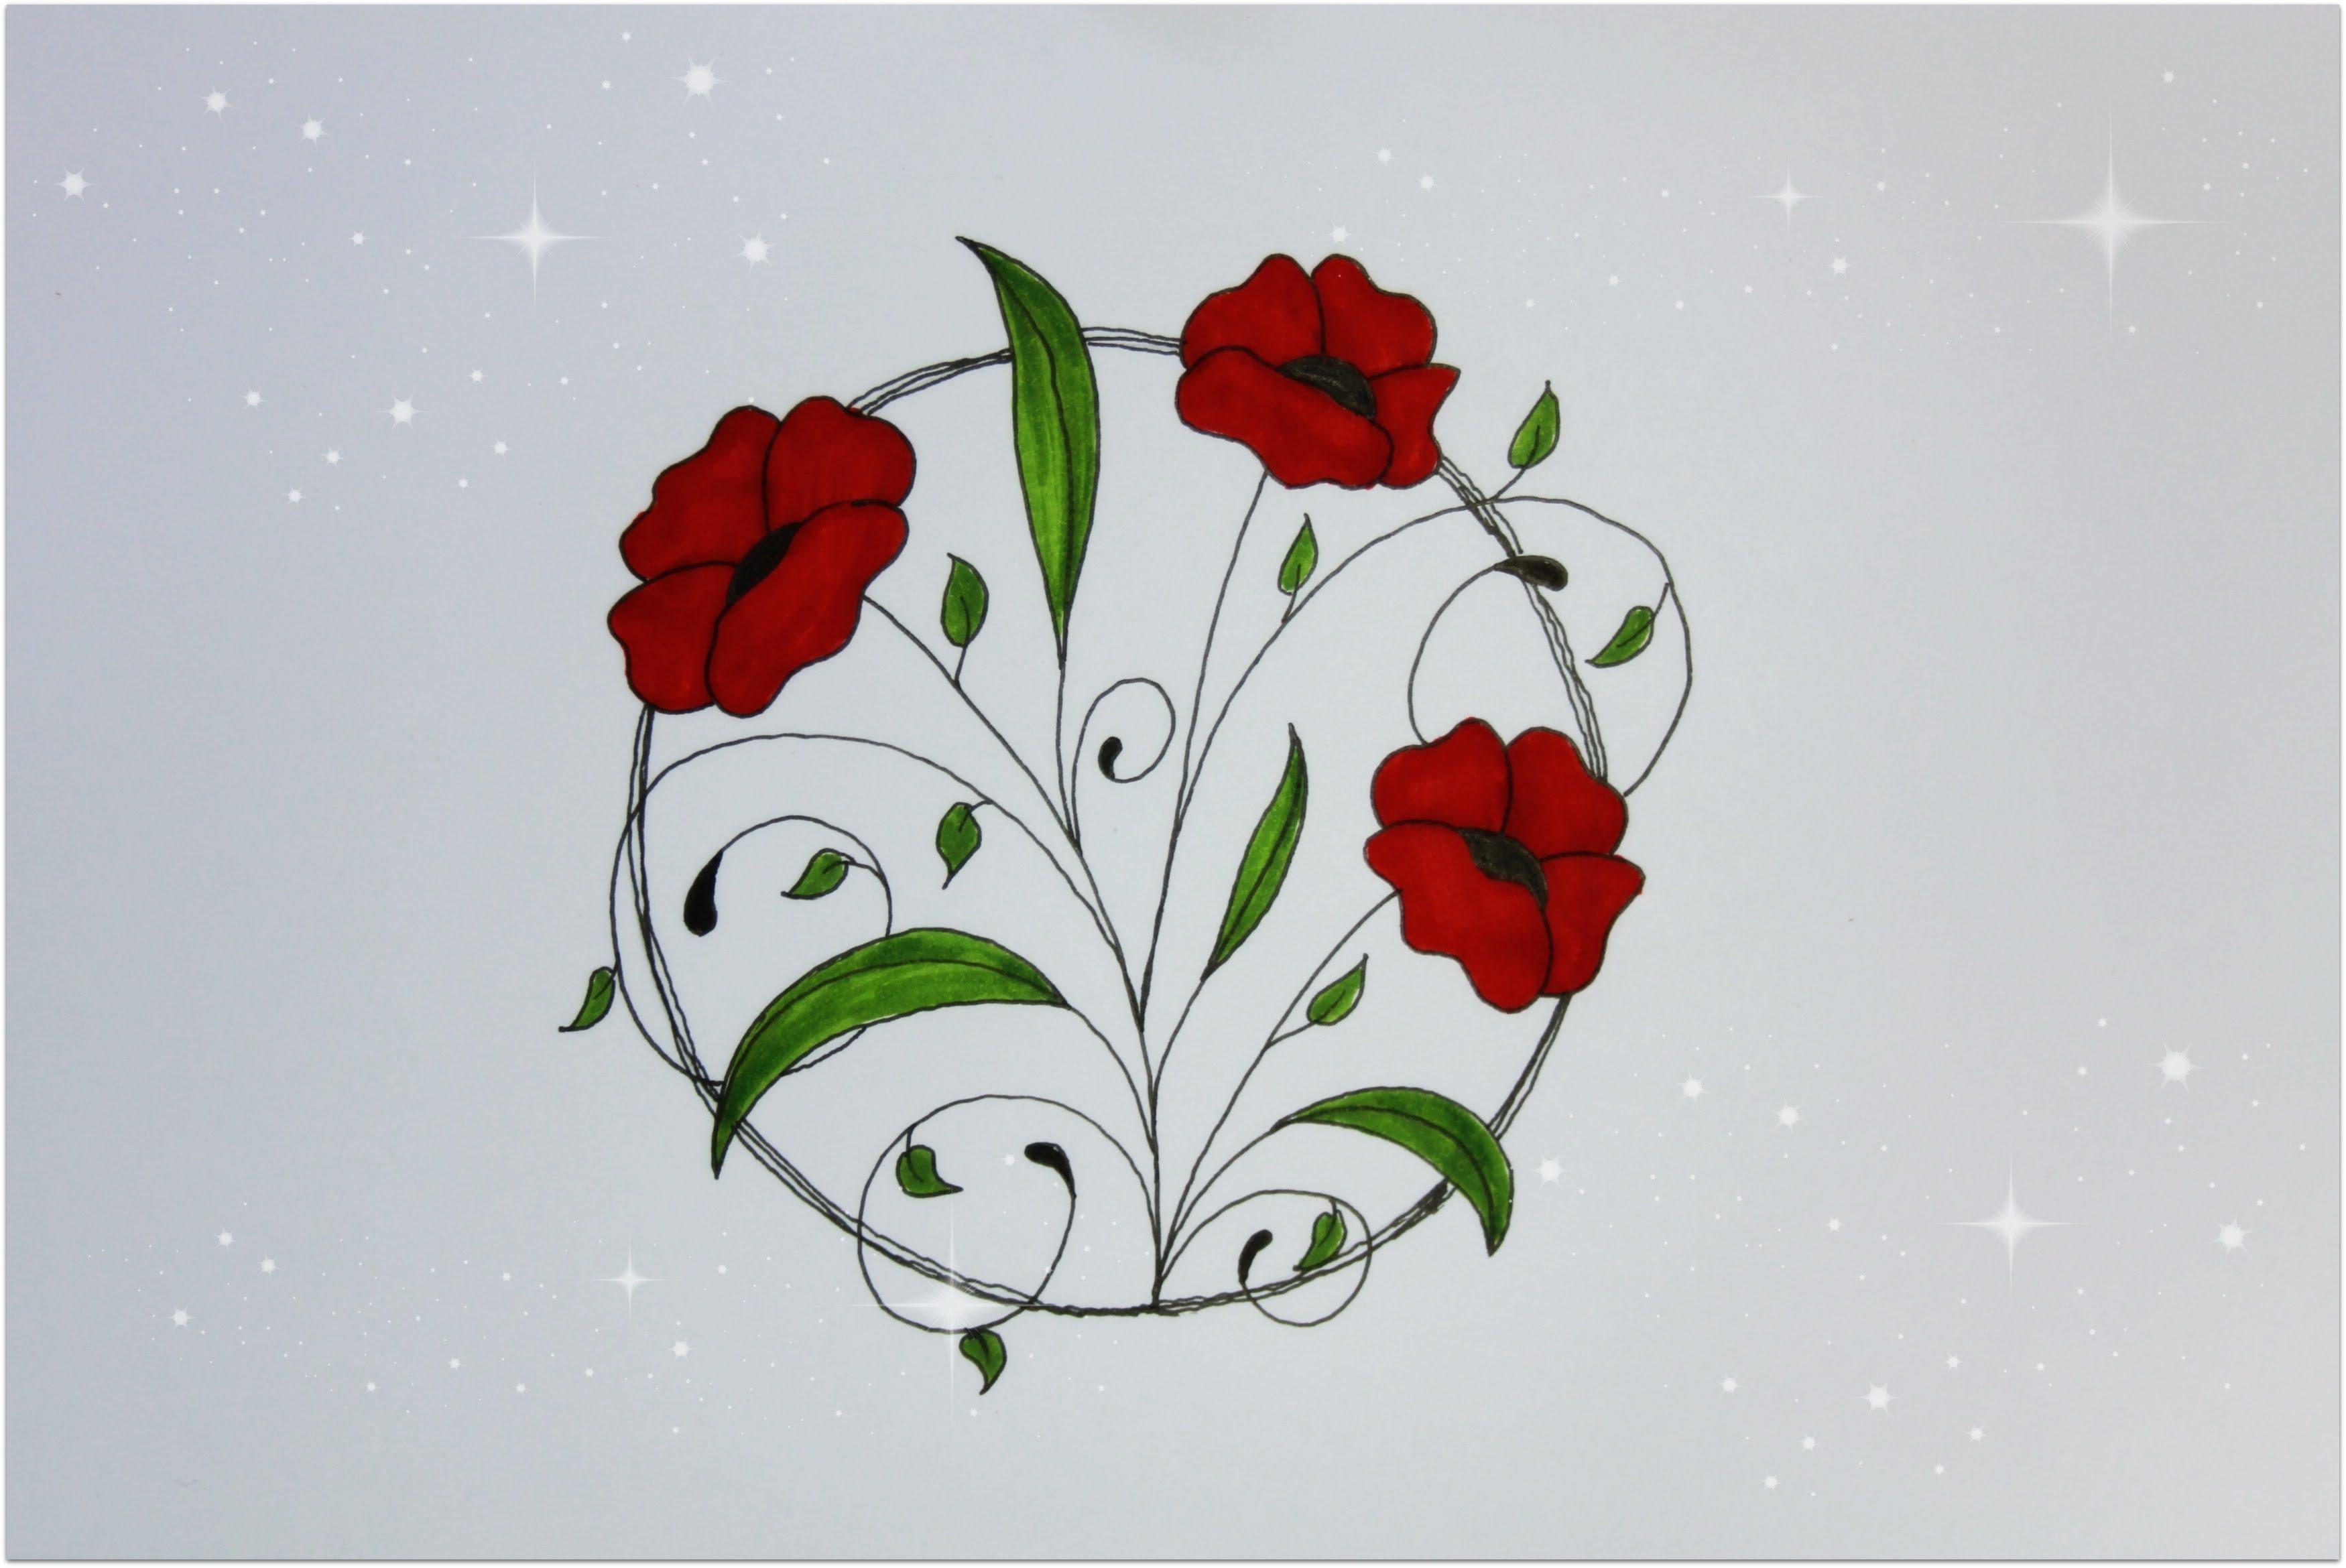 Drawn poppy beginner Flower beginners How How Drawing